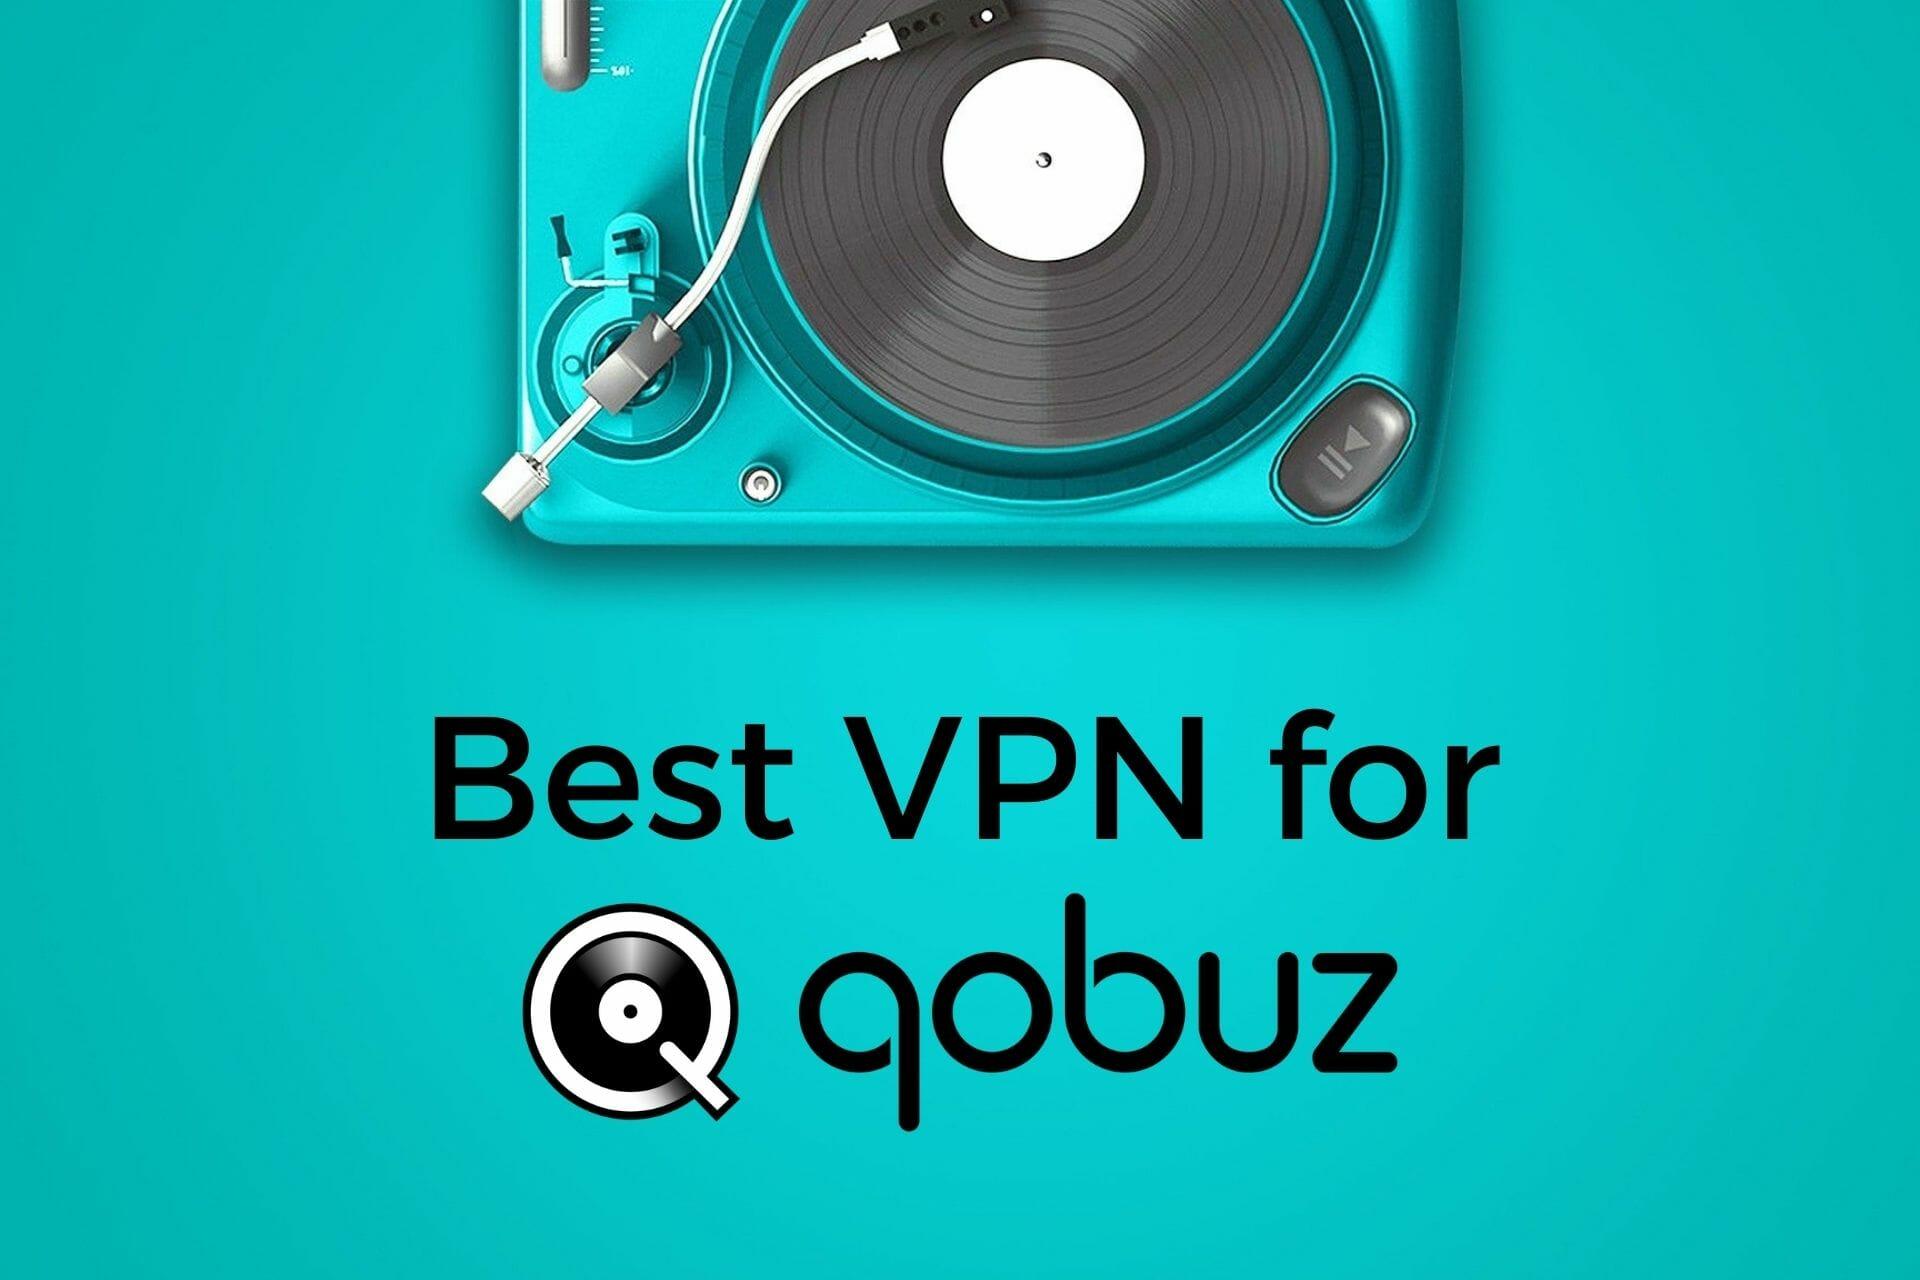 Meilleur VPN pour Qobuz